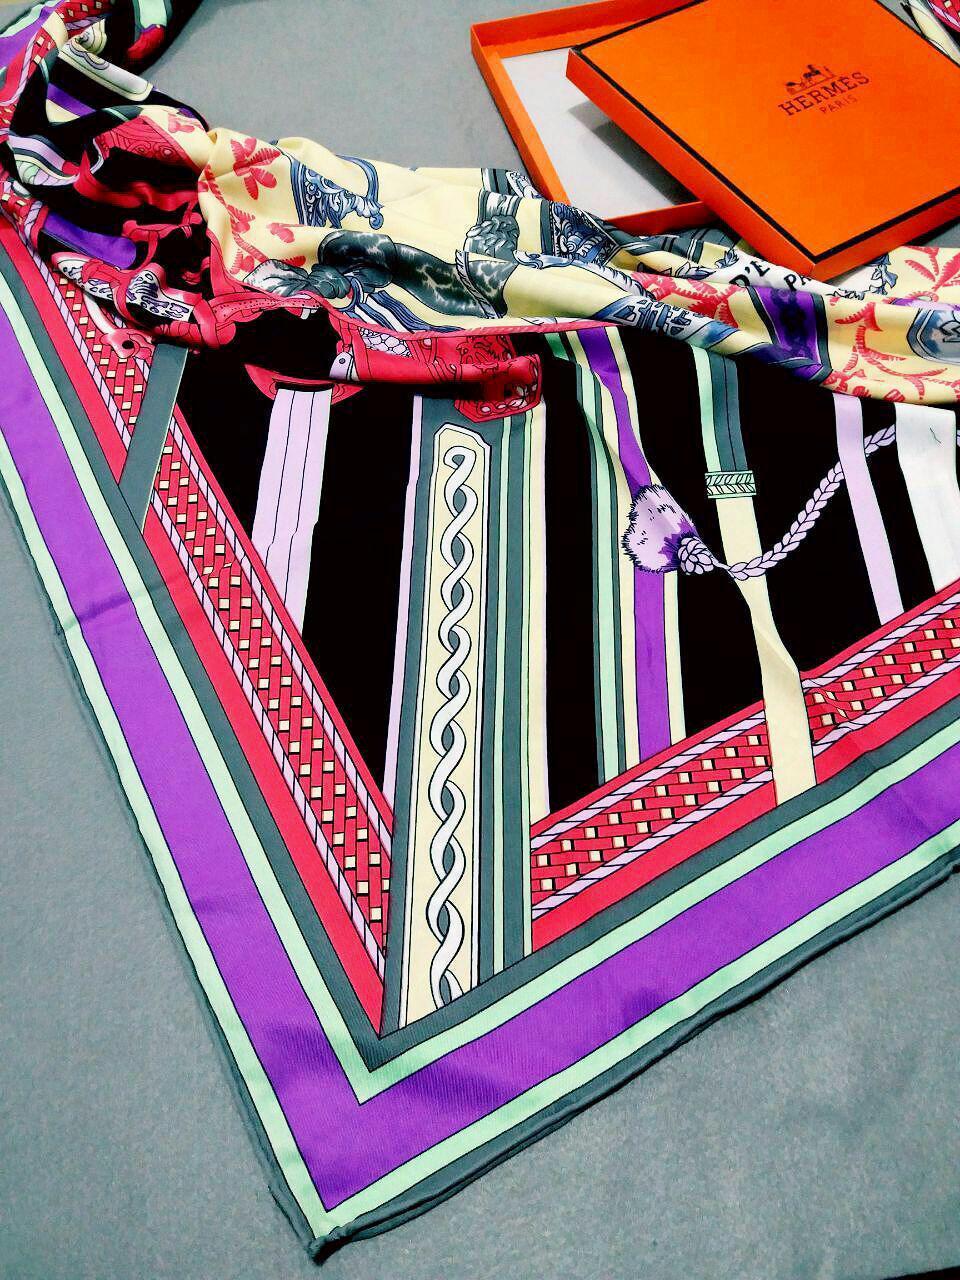 روسری ابریشم توییل کجراه هرمسsr-n239 از نمای نزدیک